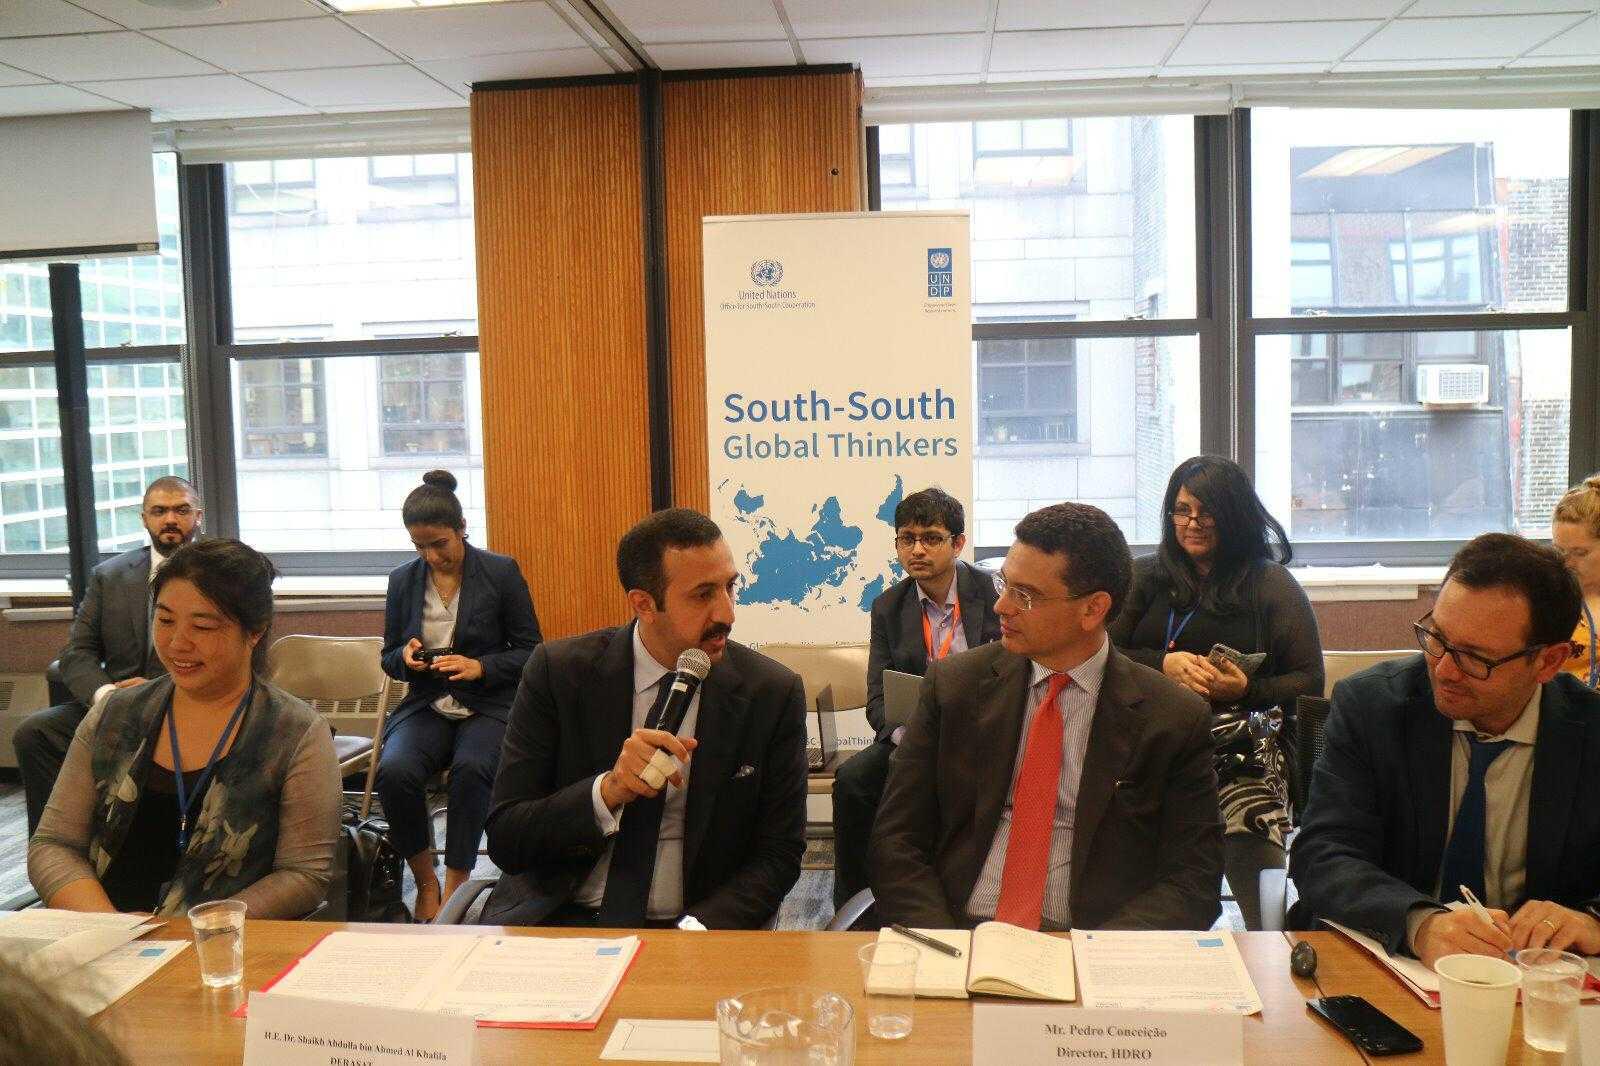 خلال فعاليات الحوار العالمي لمفكري دول الجنوب بنيويورك